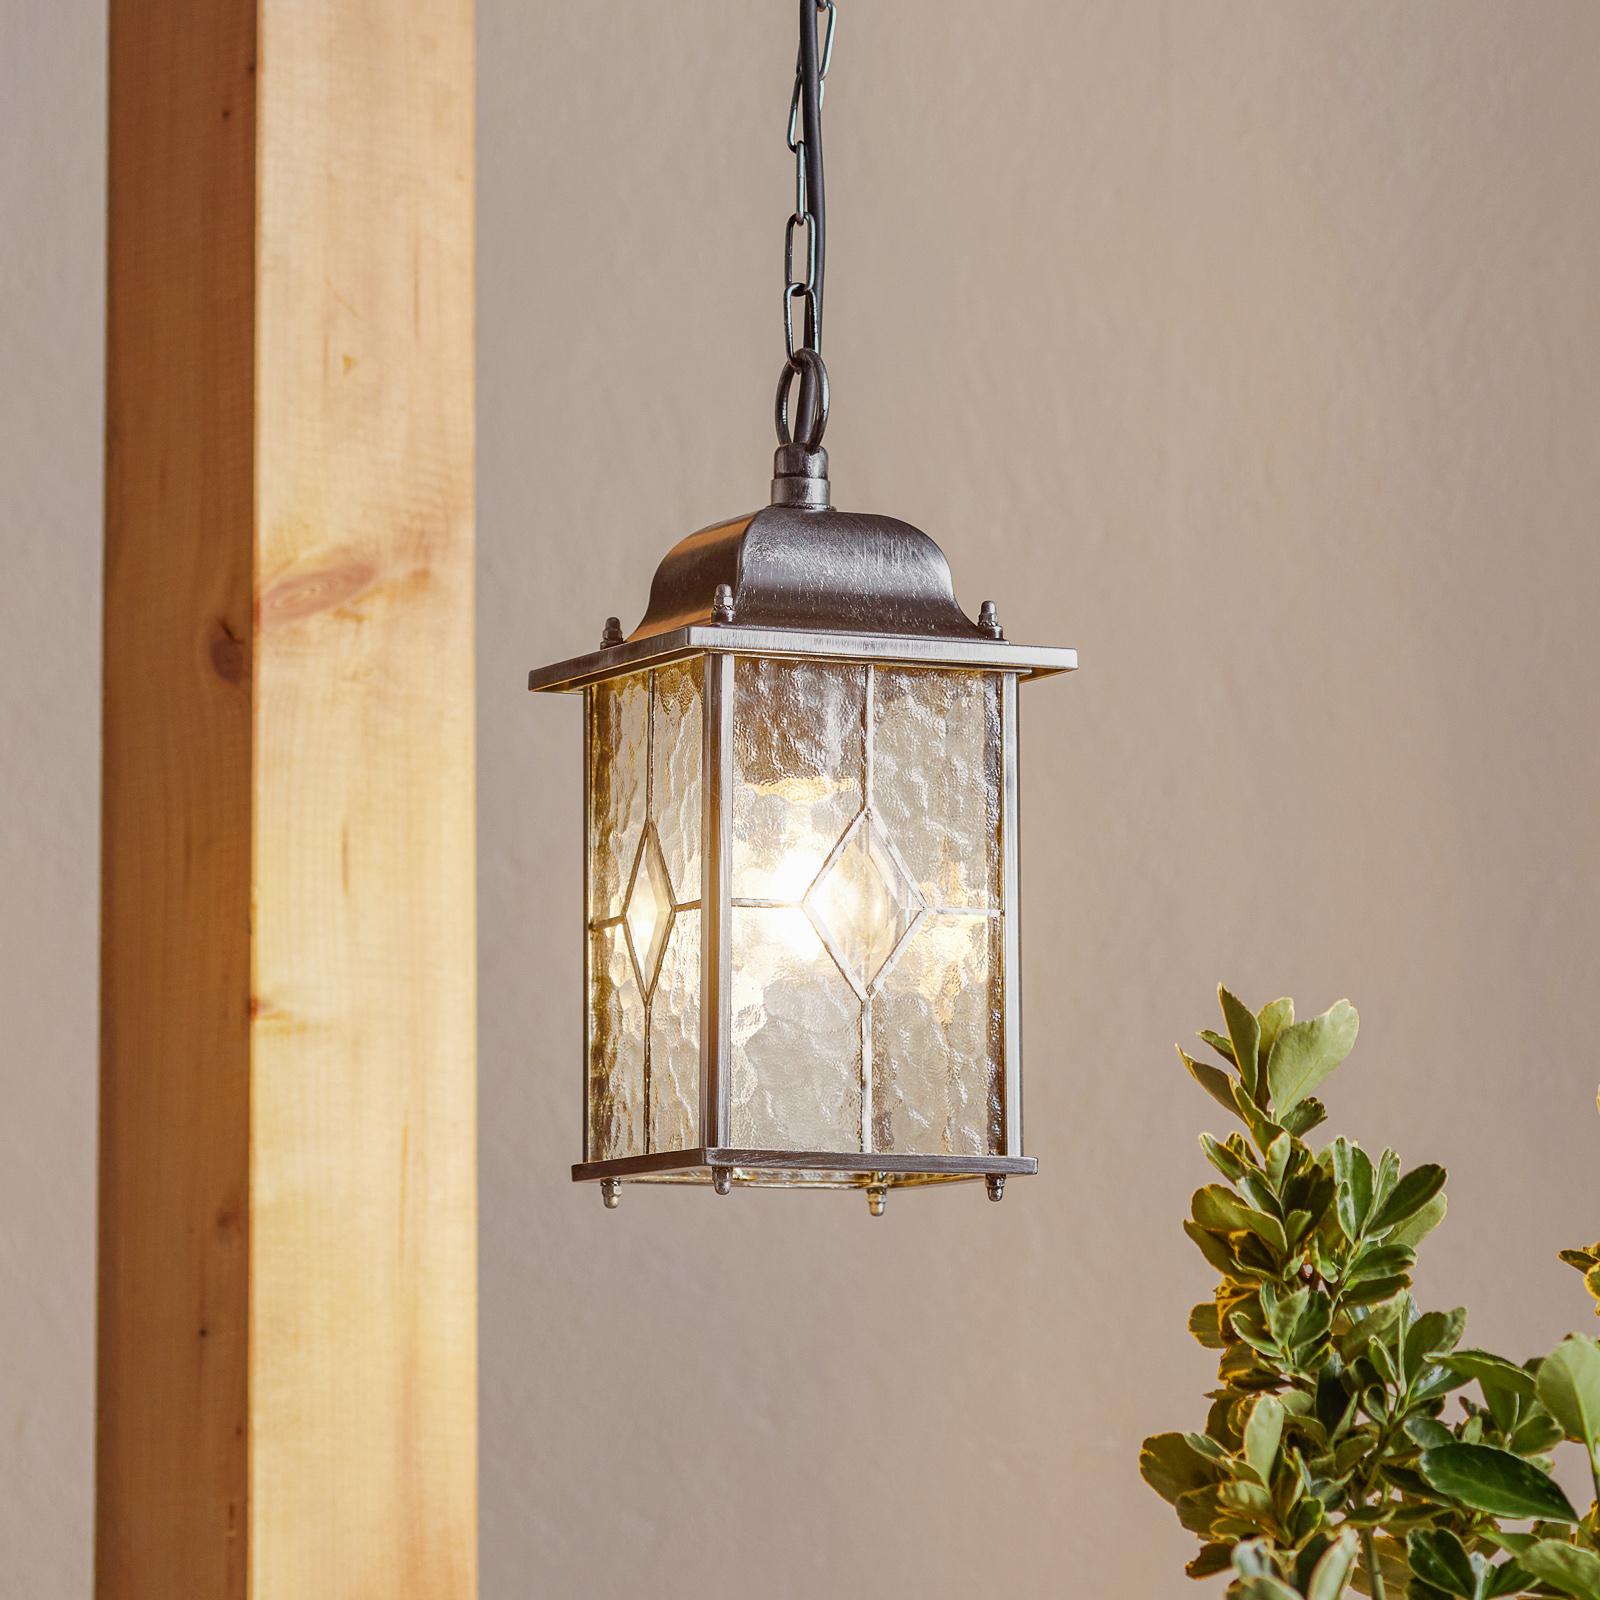 Závesné svetlo Wexford WX9 pre exteriér_3048211_1